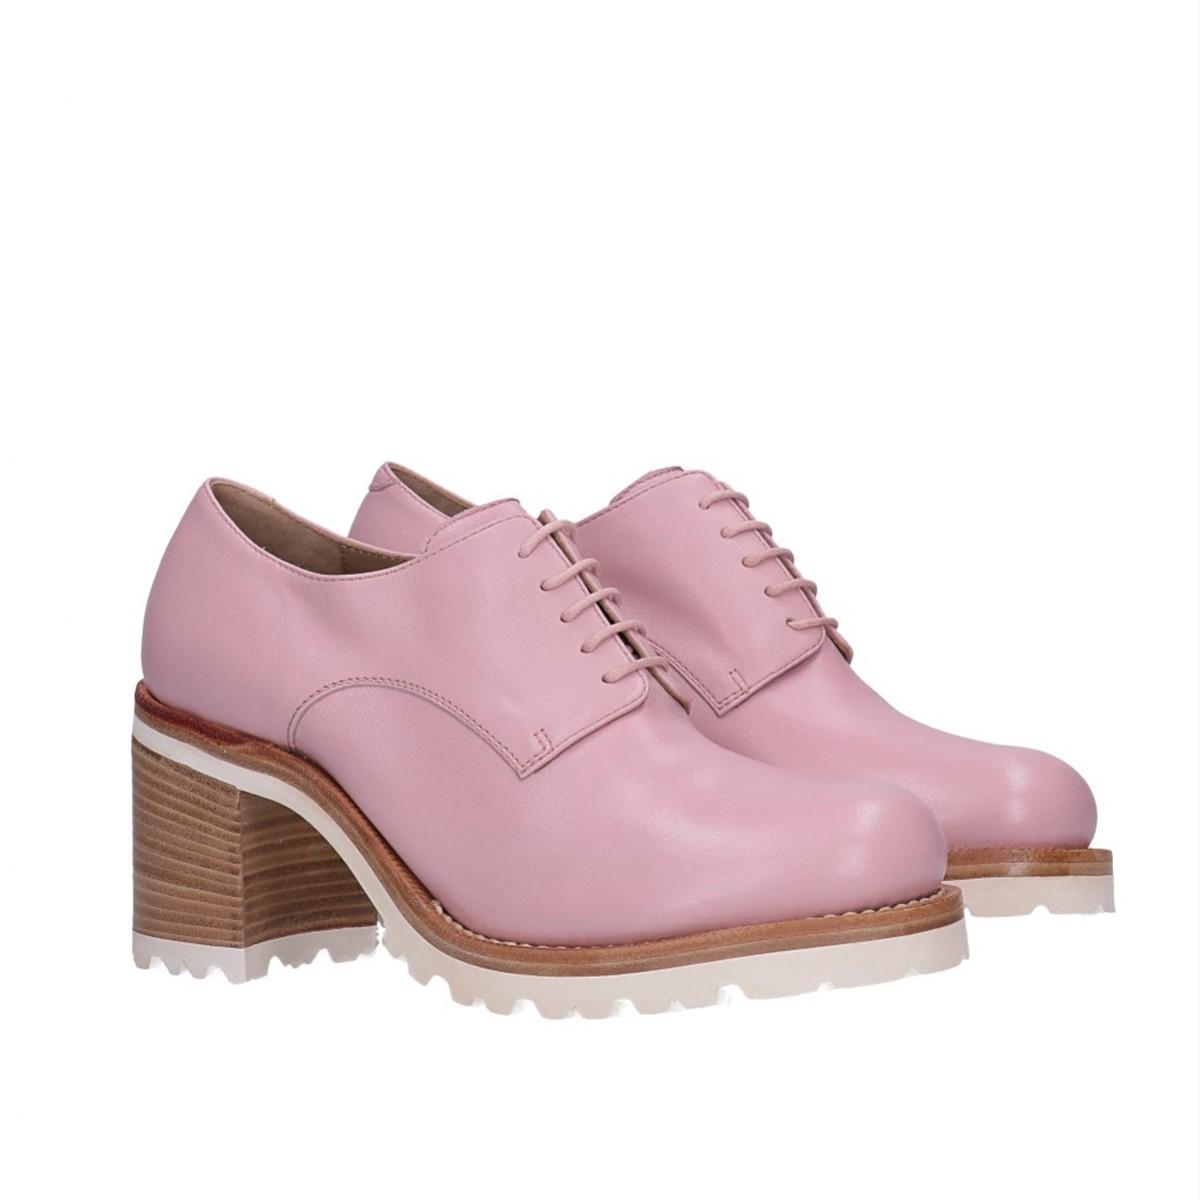 Derby High Heel